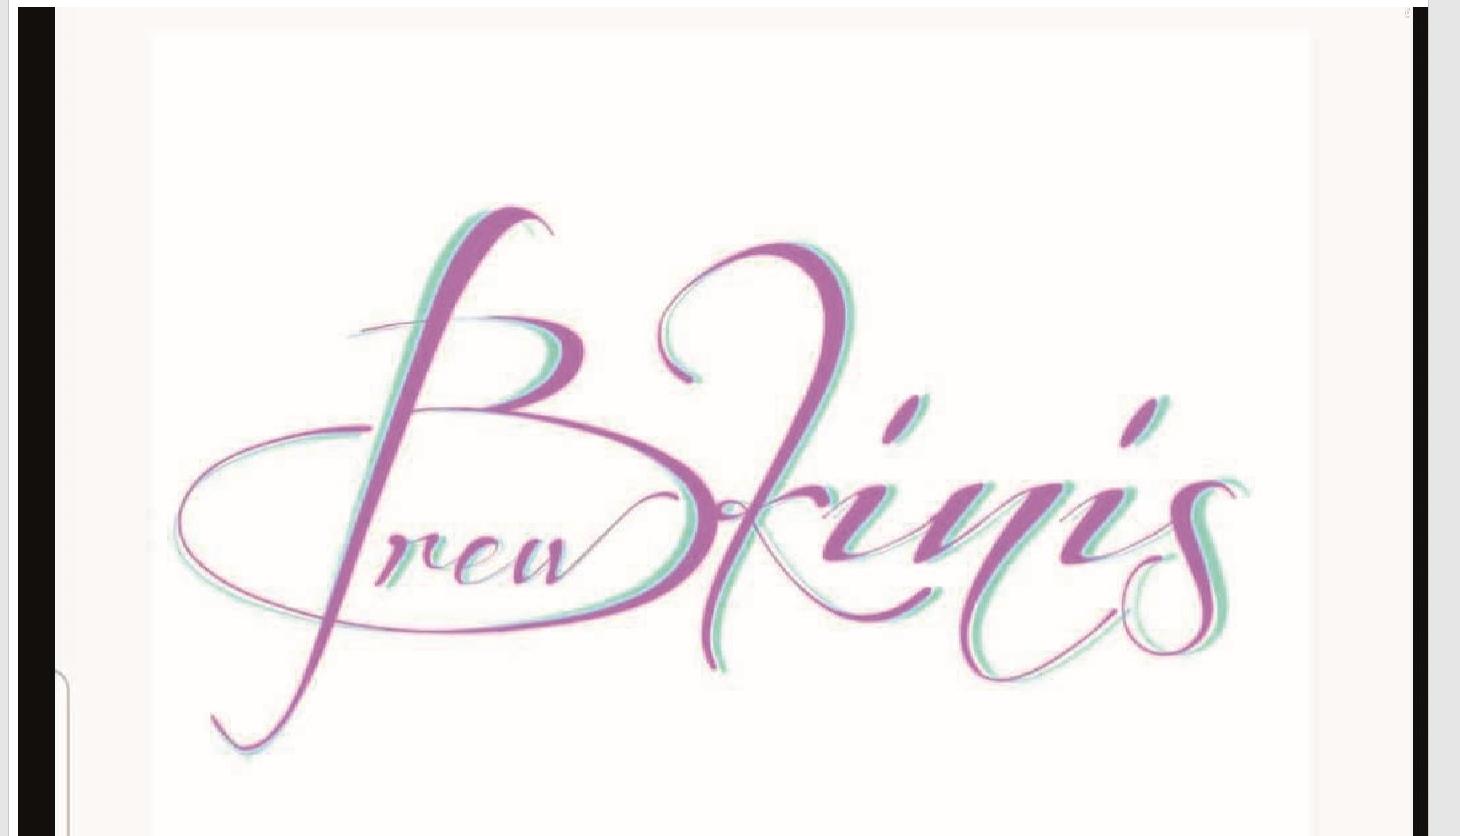 Brewkinis